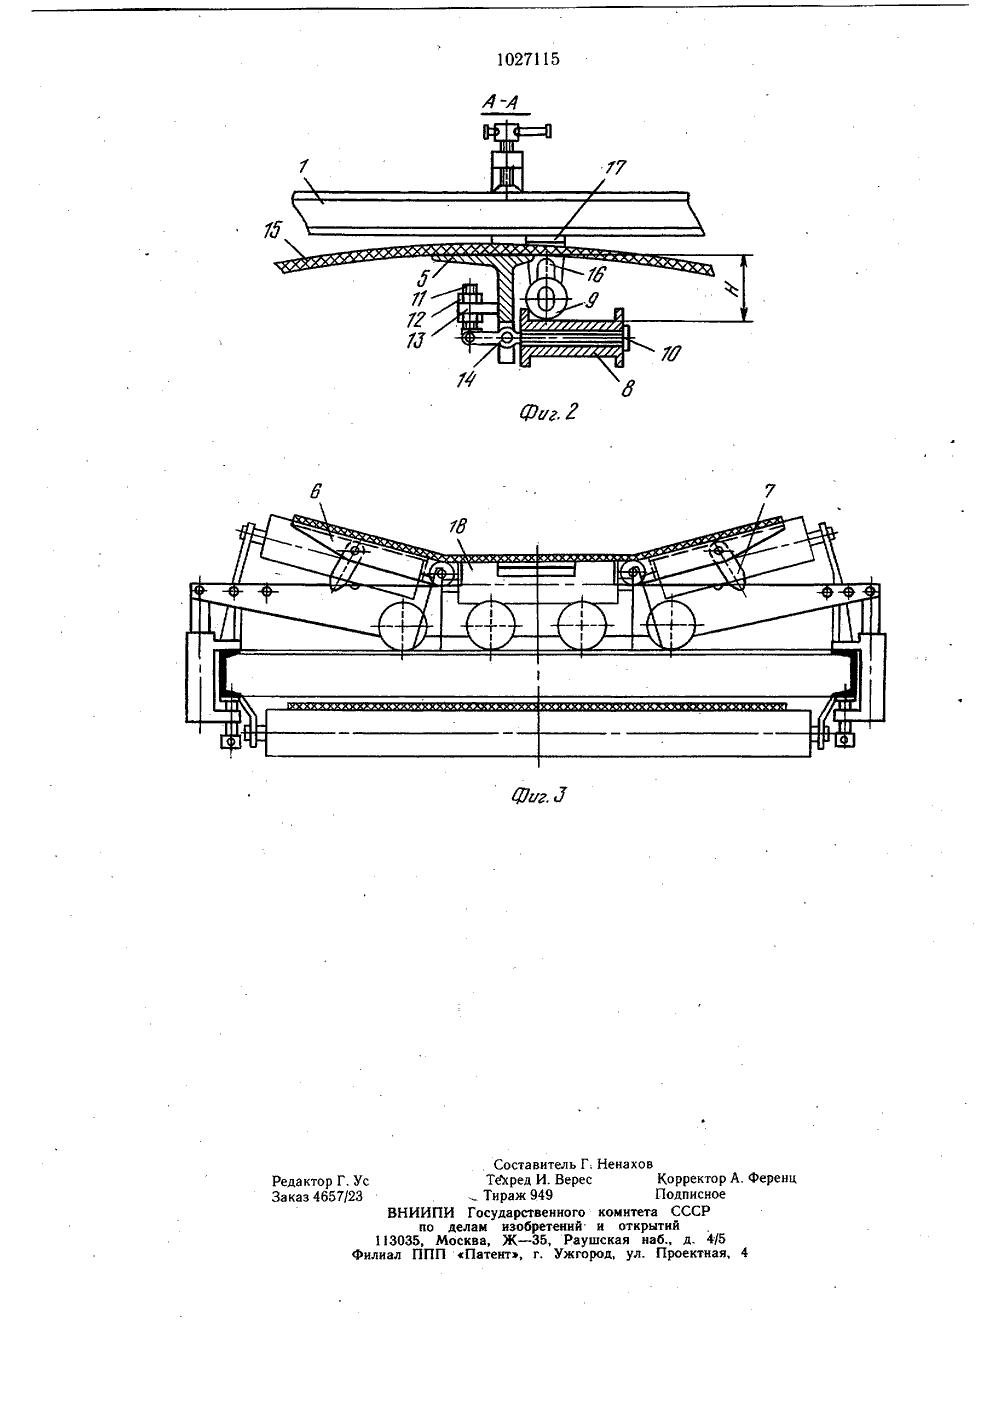 Замена роликов конвейера купить сиденье для фольксваген транспортер т5